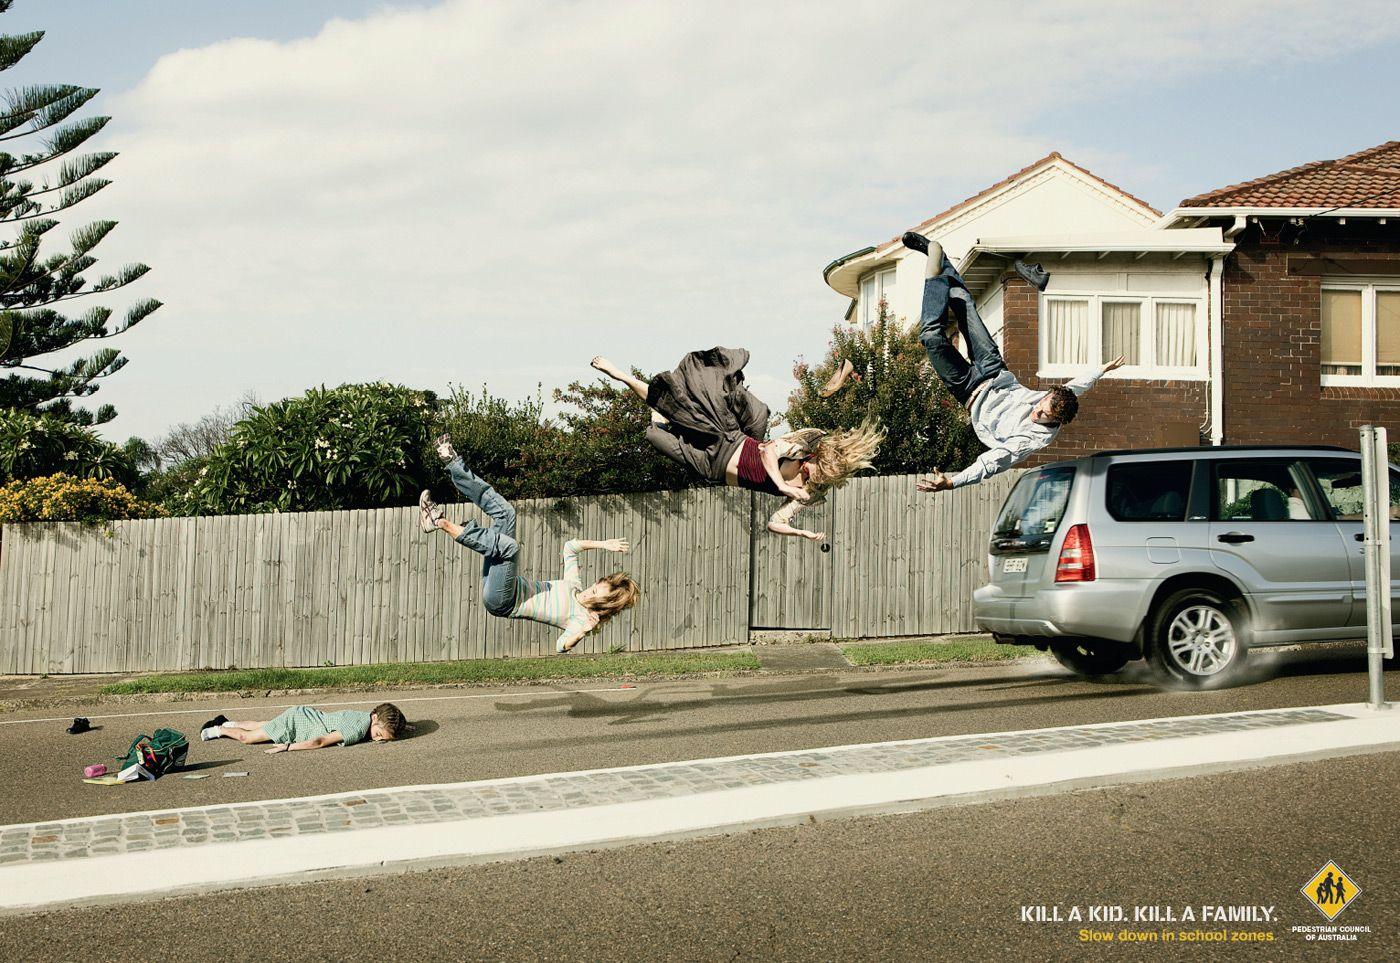 Pedestrian Council of Australia: Family,